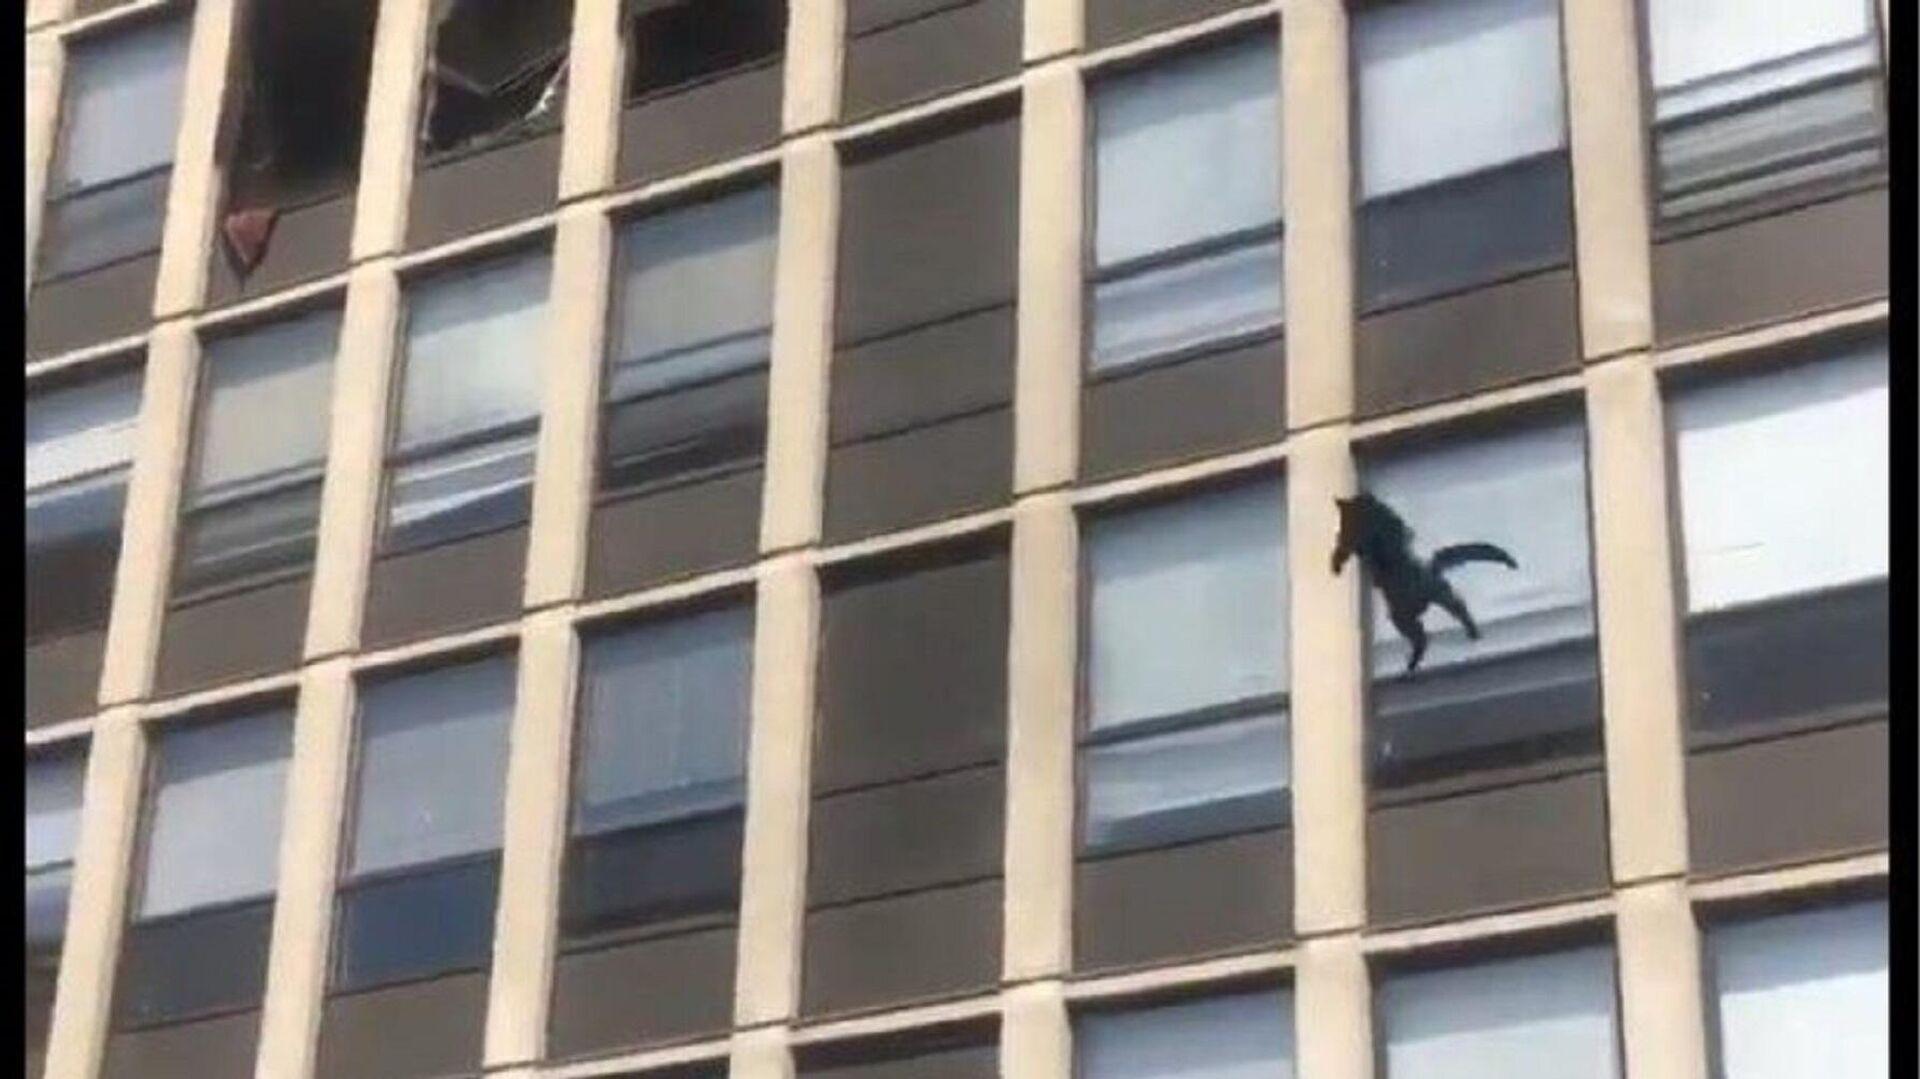 Γάτα πήδηξε από τον 5ο όροφο φλεγόμενου κτιρίου - Sputnik Ελλάδα, 1920, 14.05.2021